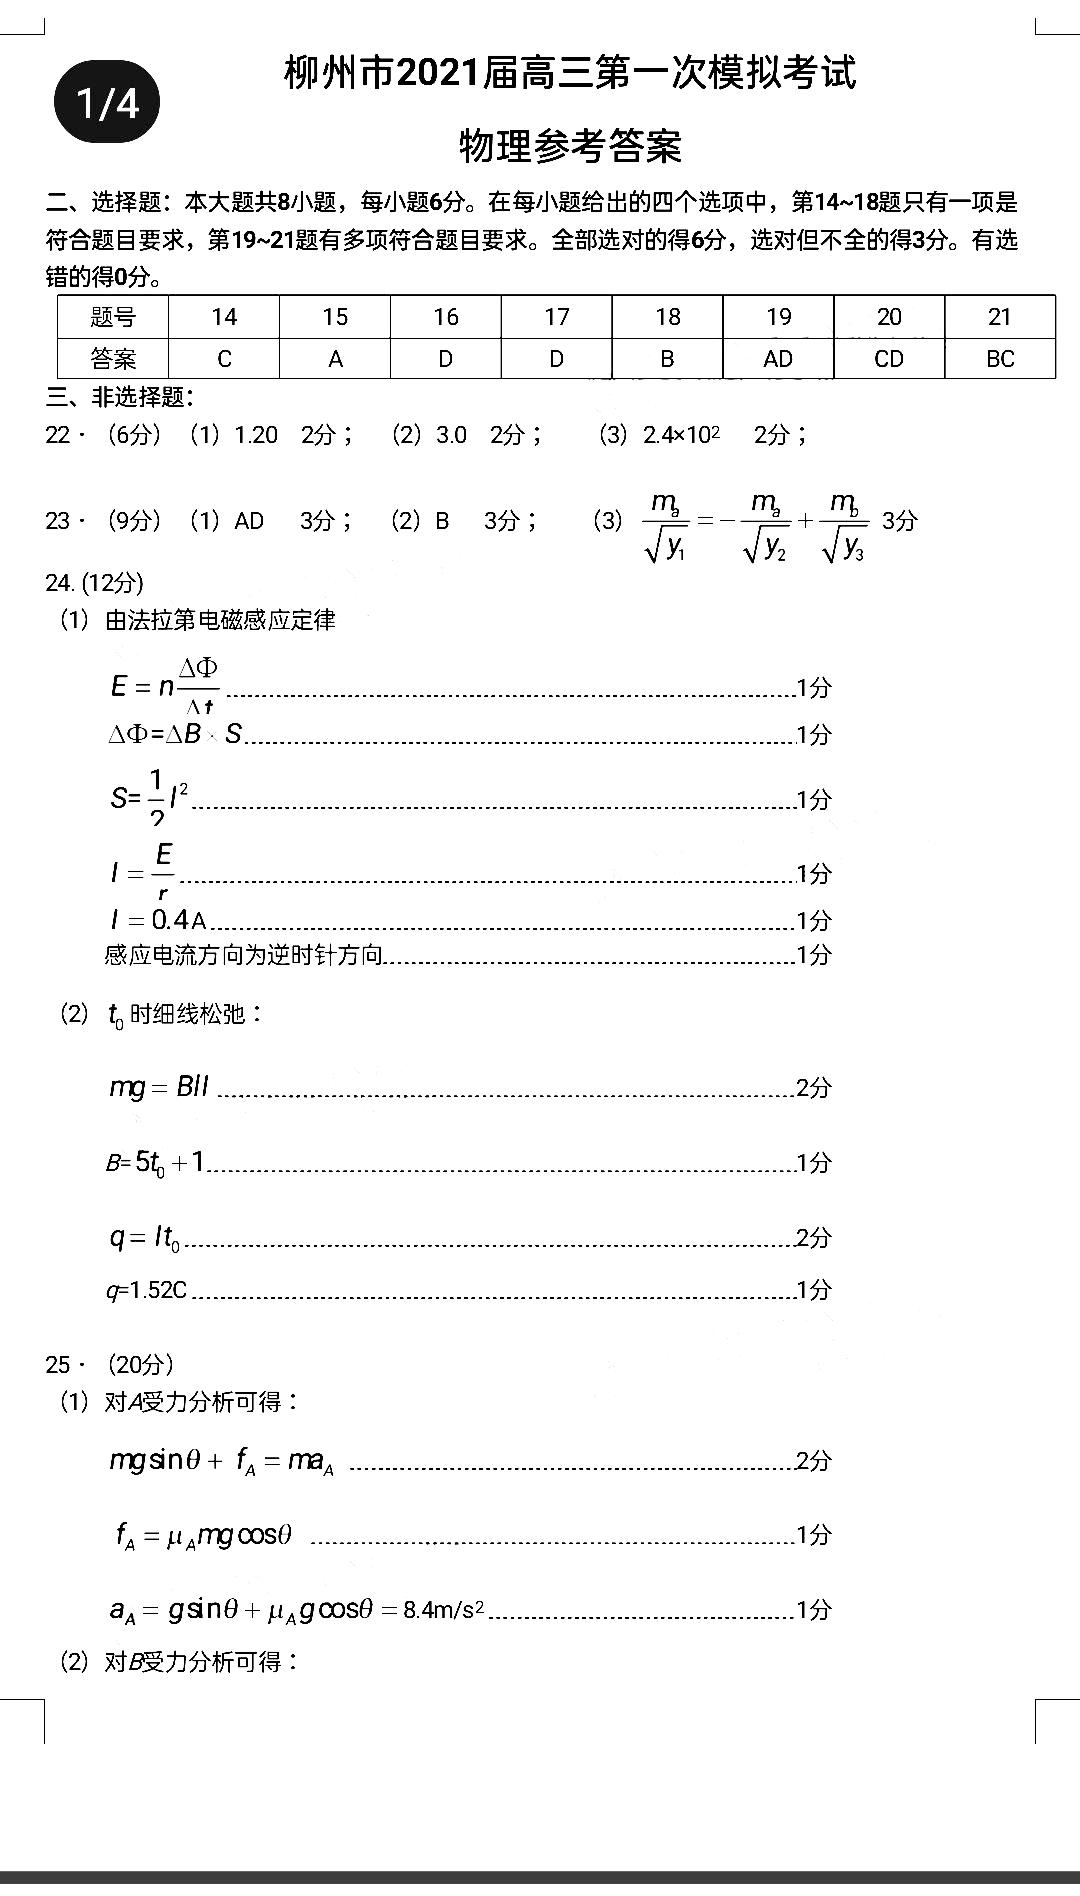 2021广西柳州一模高三物理试卷答案解析图1